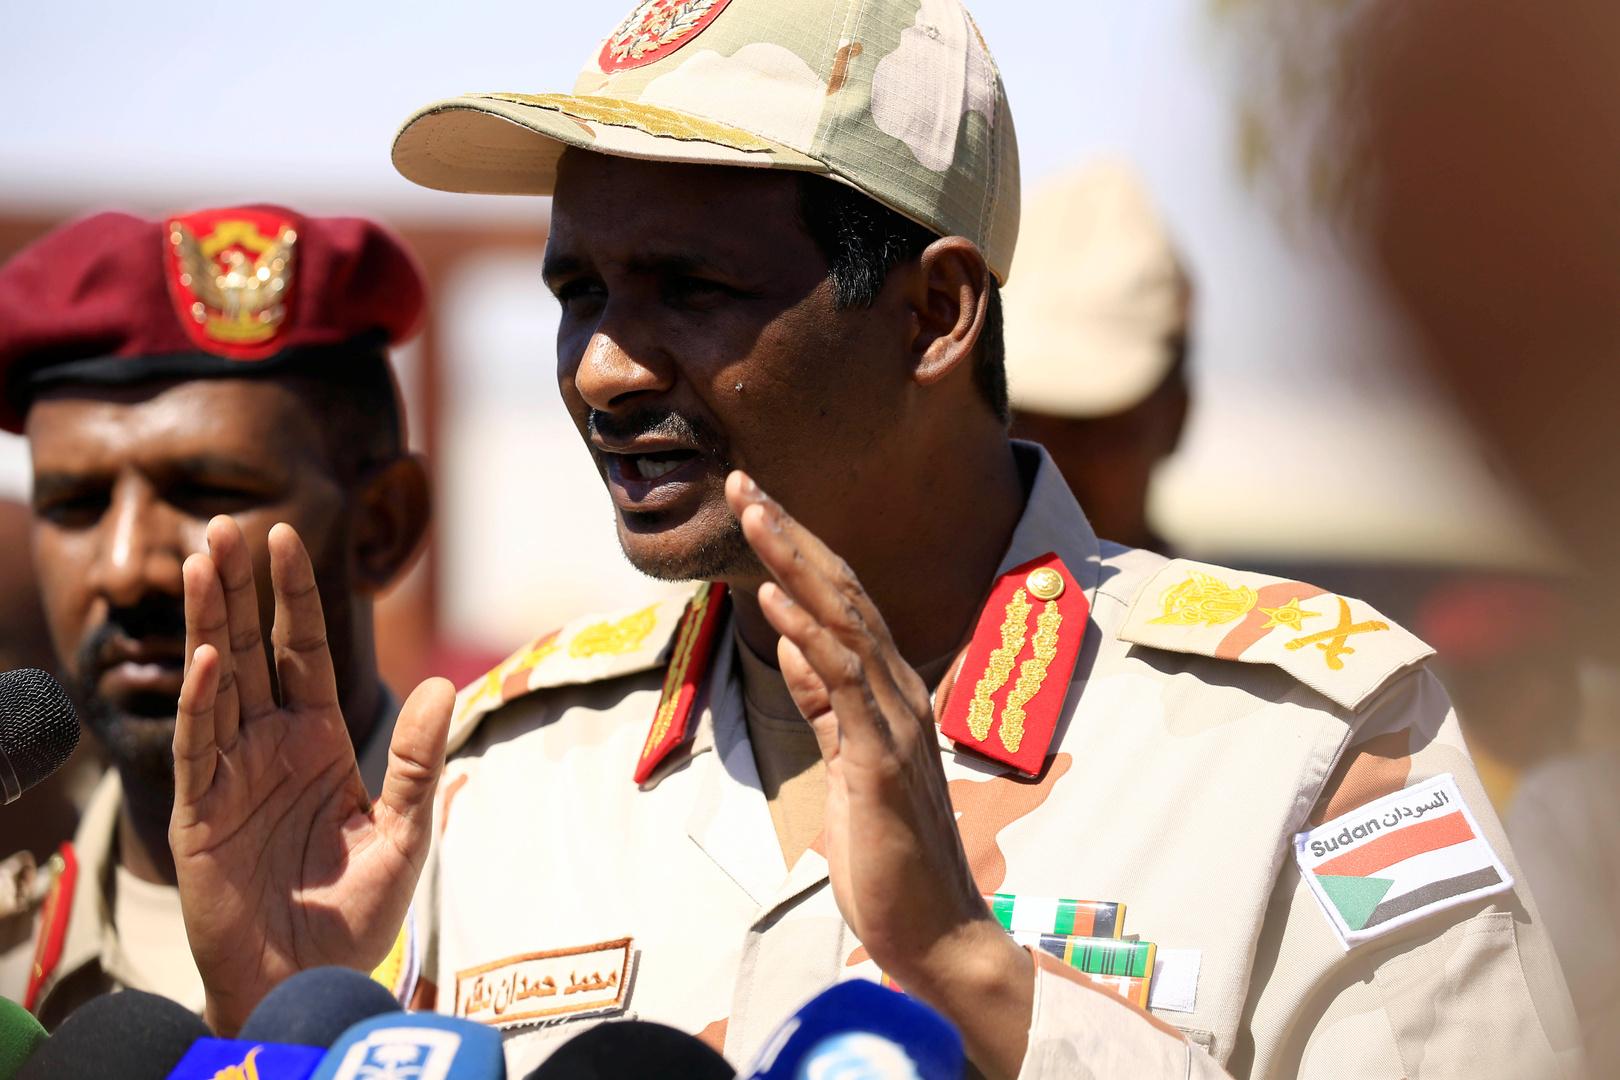 حميدتي: رفضنا هبوط طائرة وزير الخارجية القطري في الخرطوم لأن زيارته كانت مفاجئة